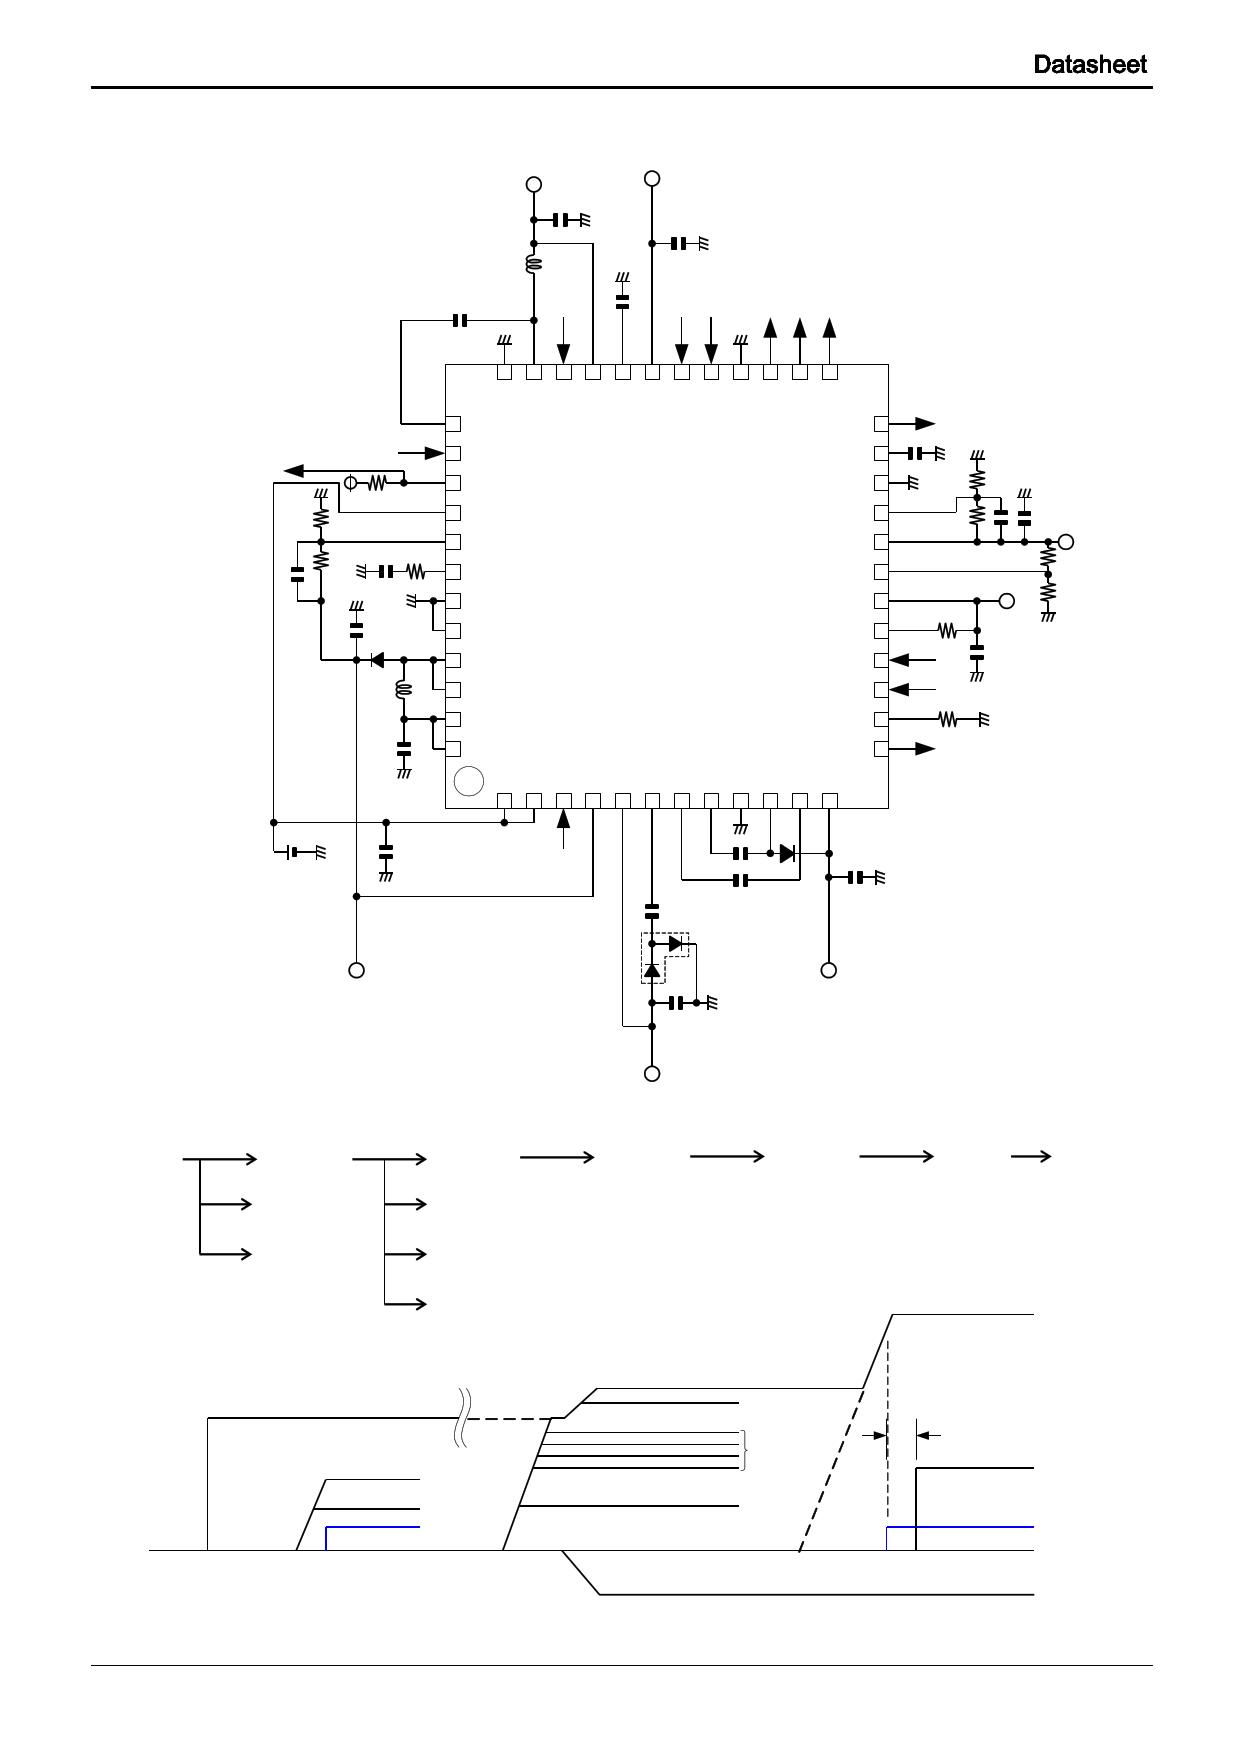 bd8174muv datasheet pdf   pinout